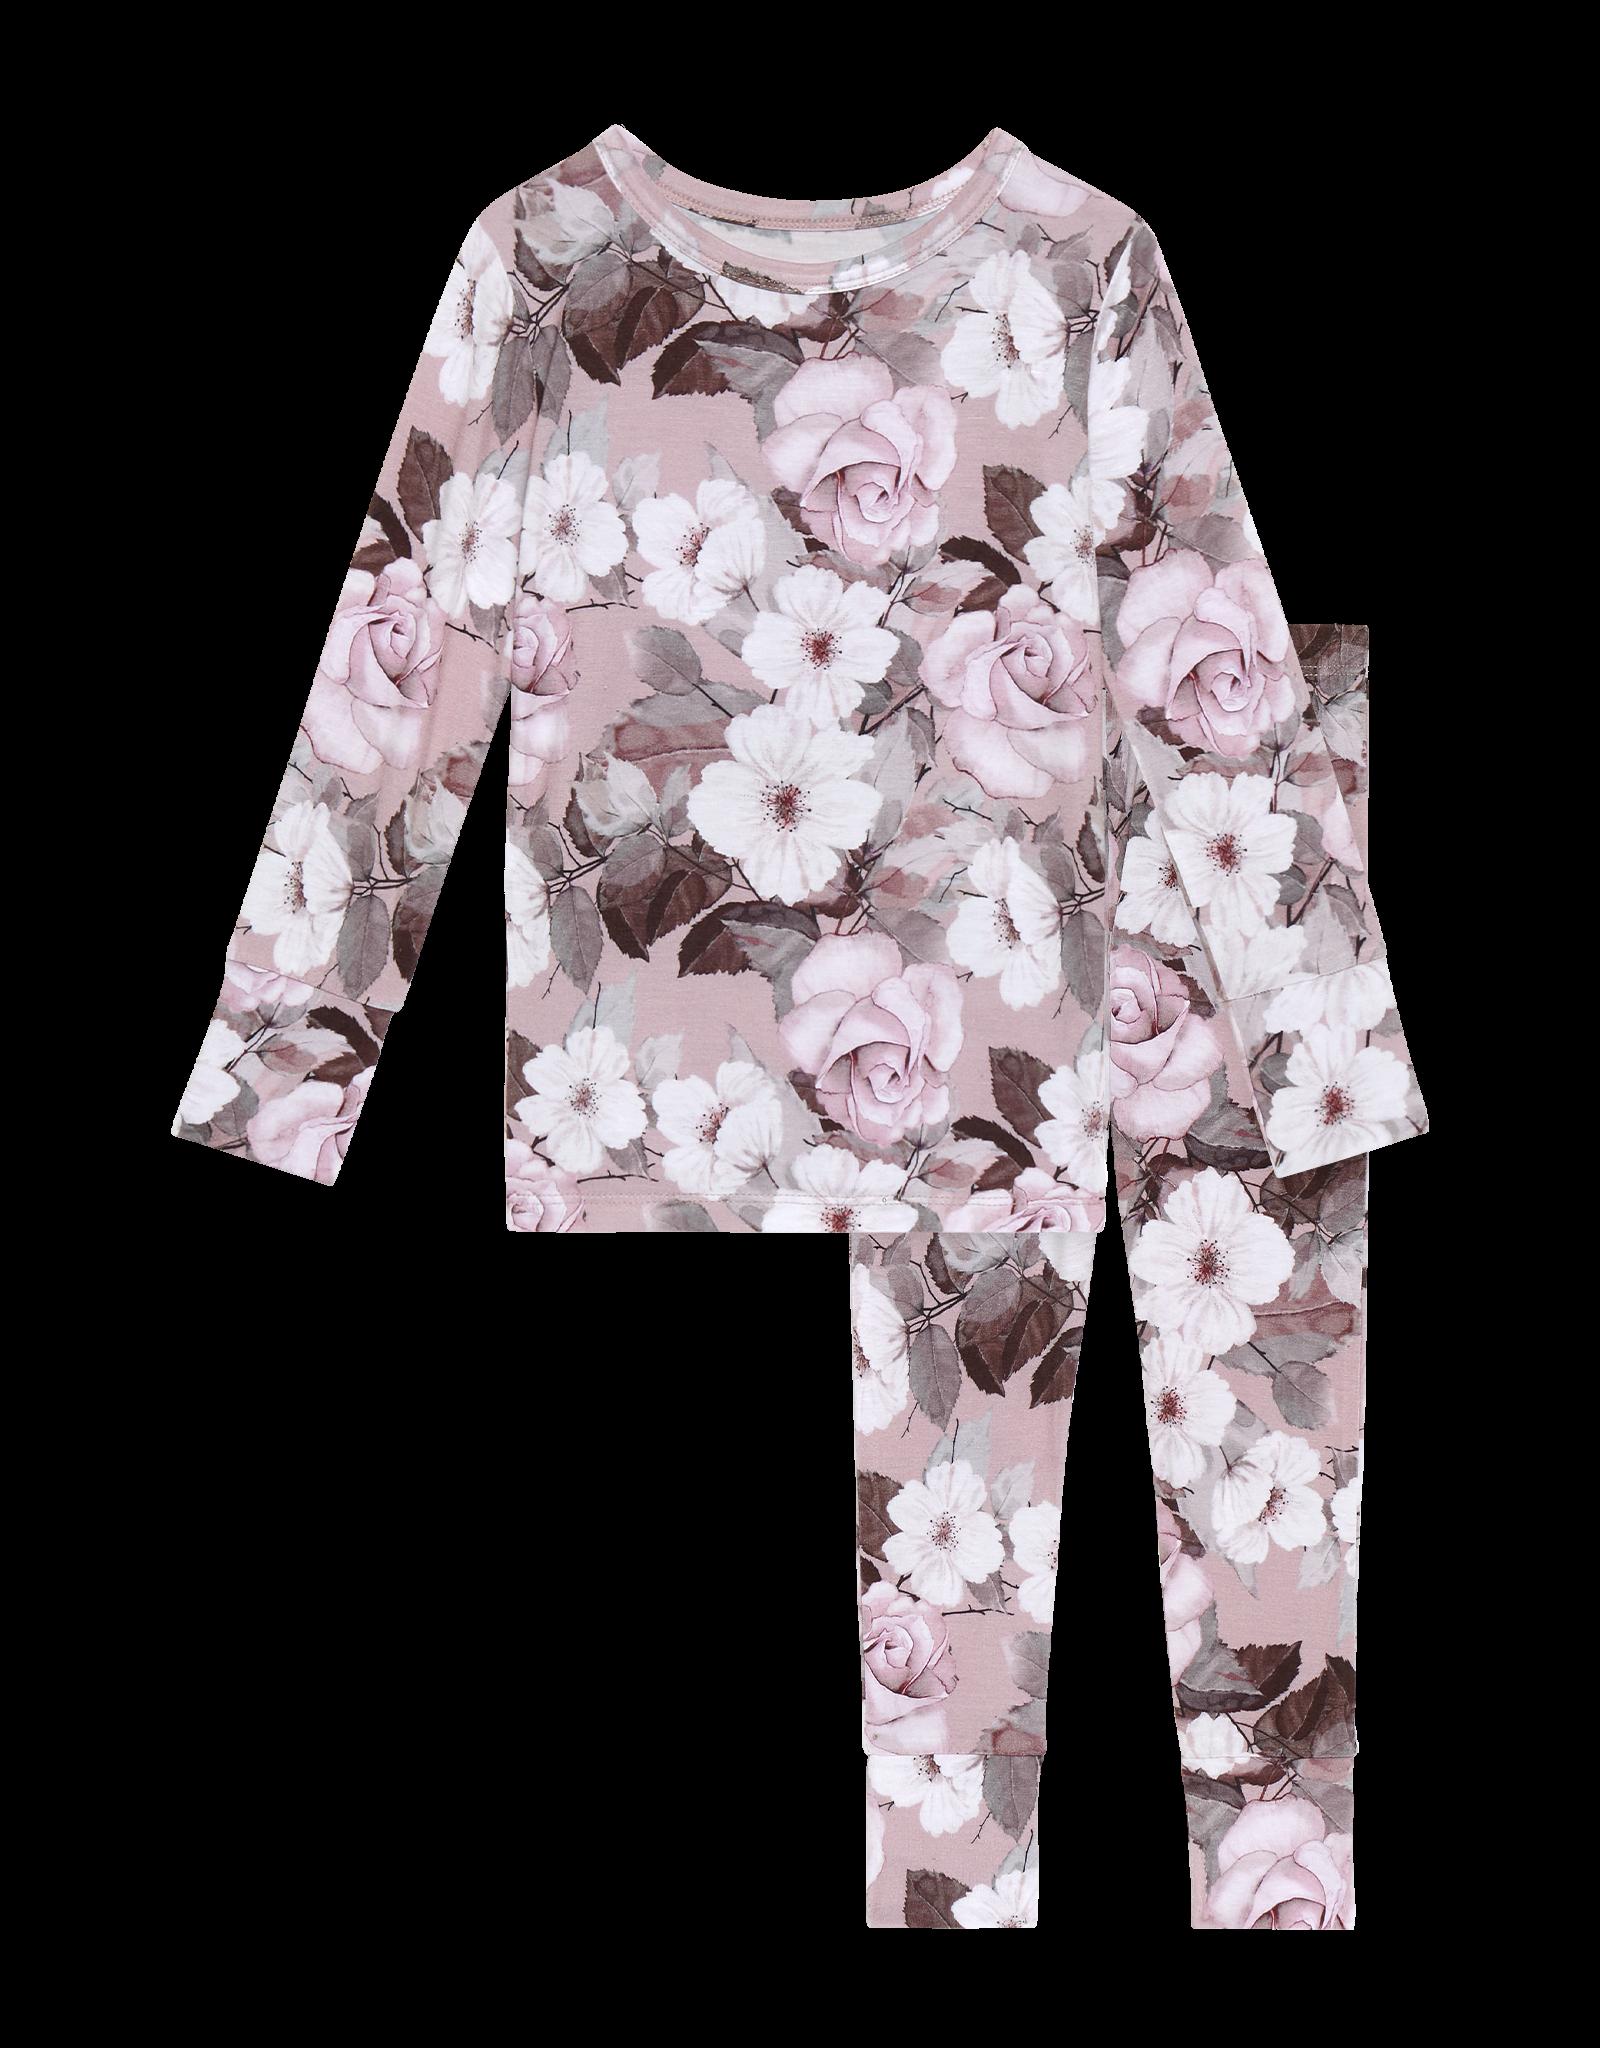 Nikki - Long Sleeve Loungewear